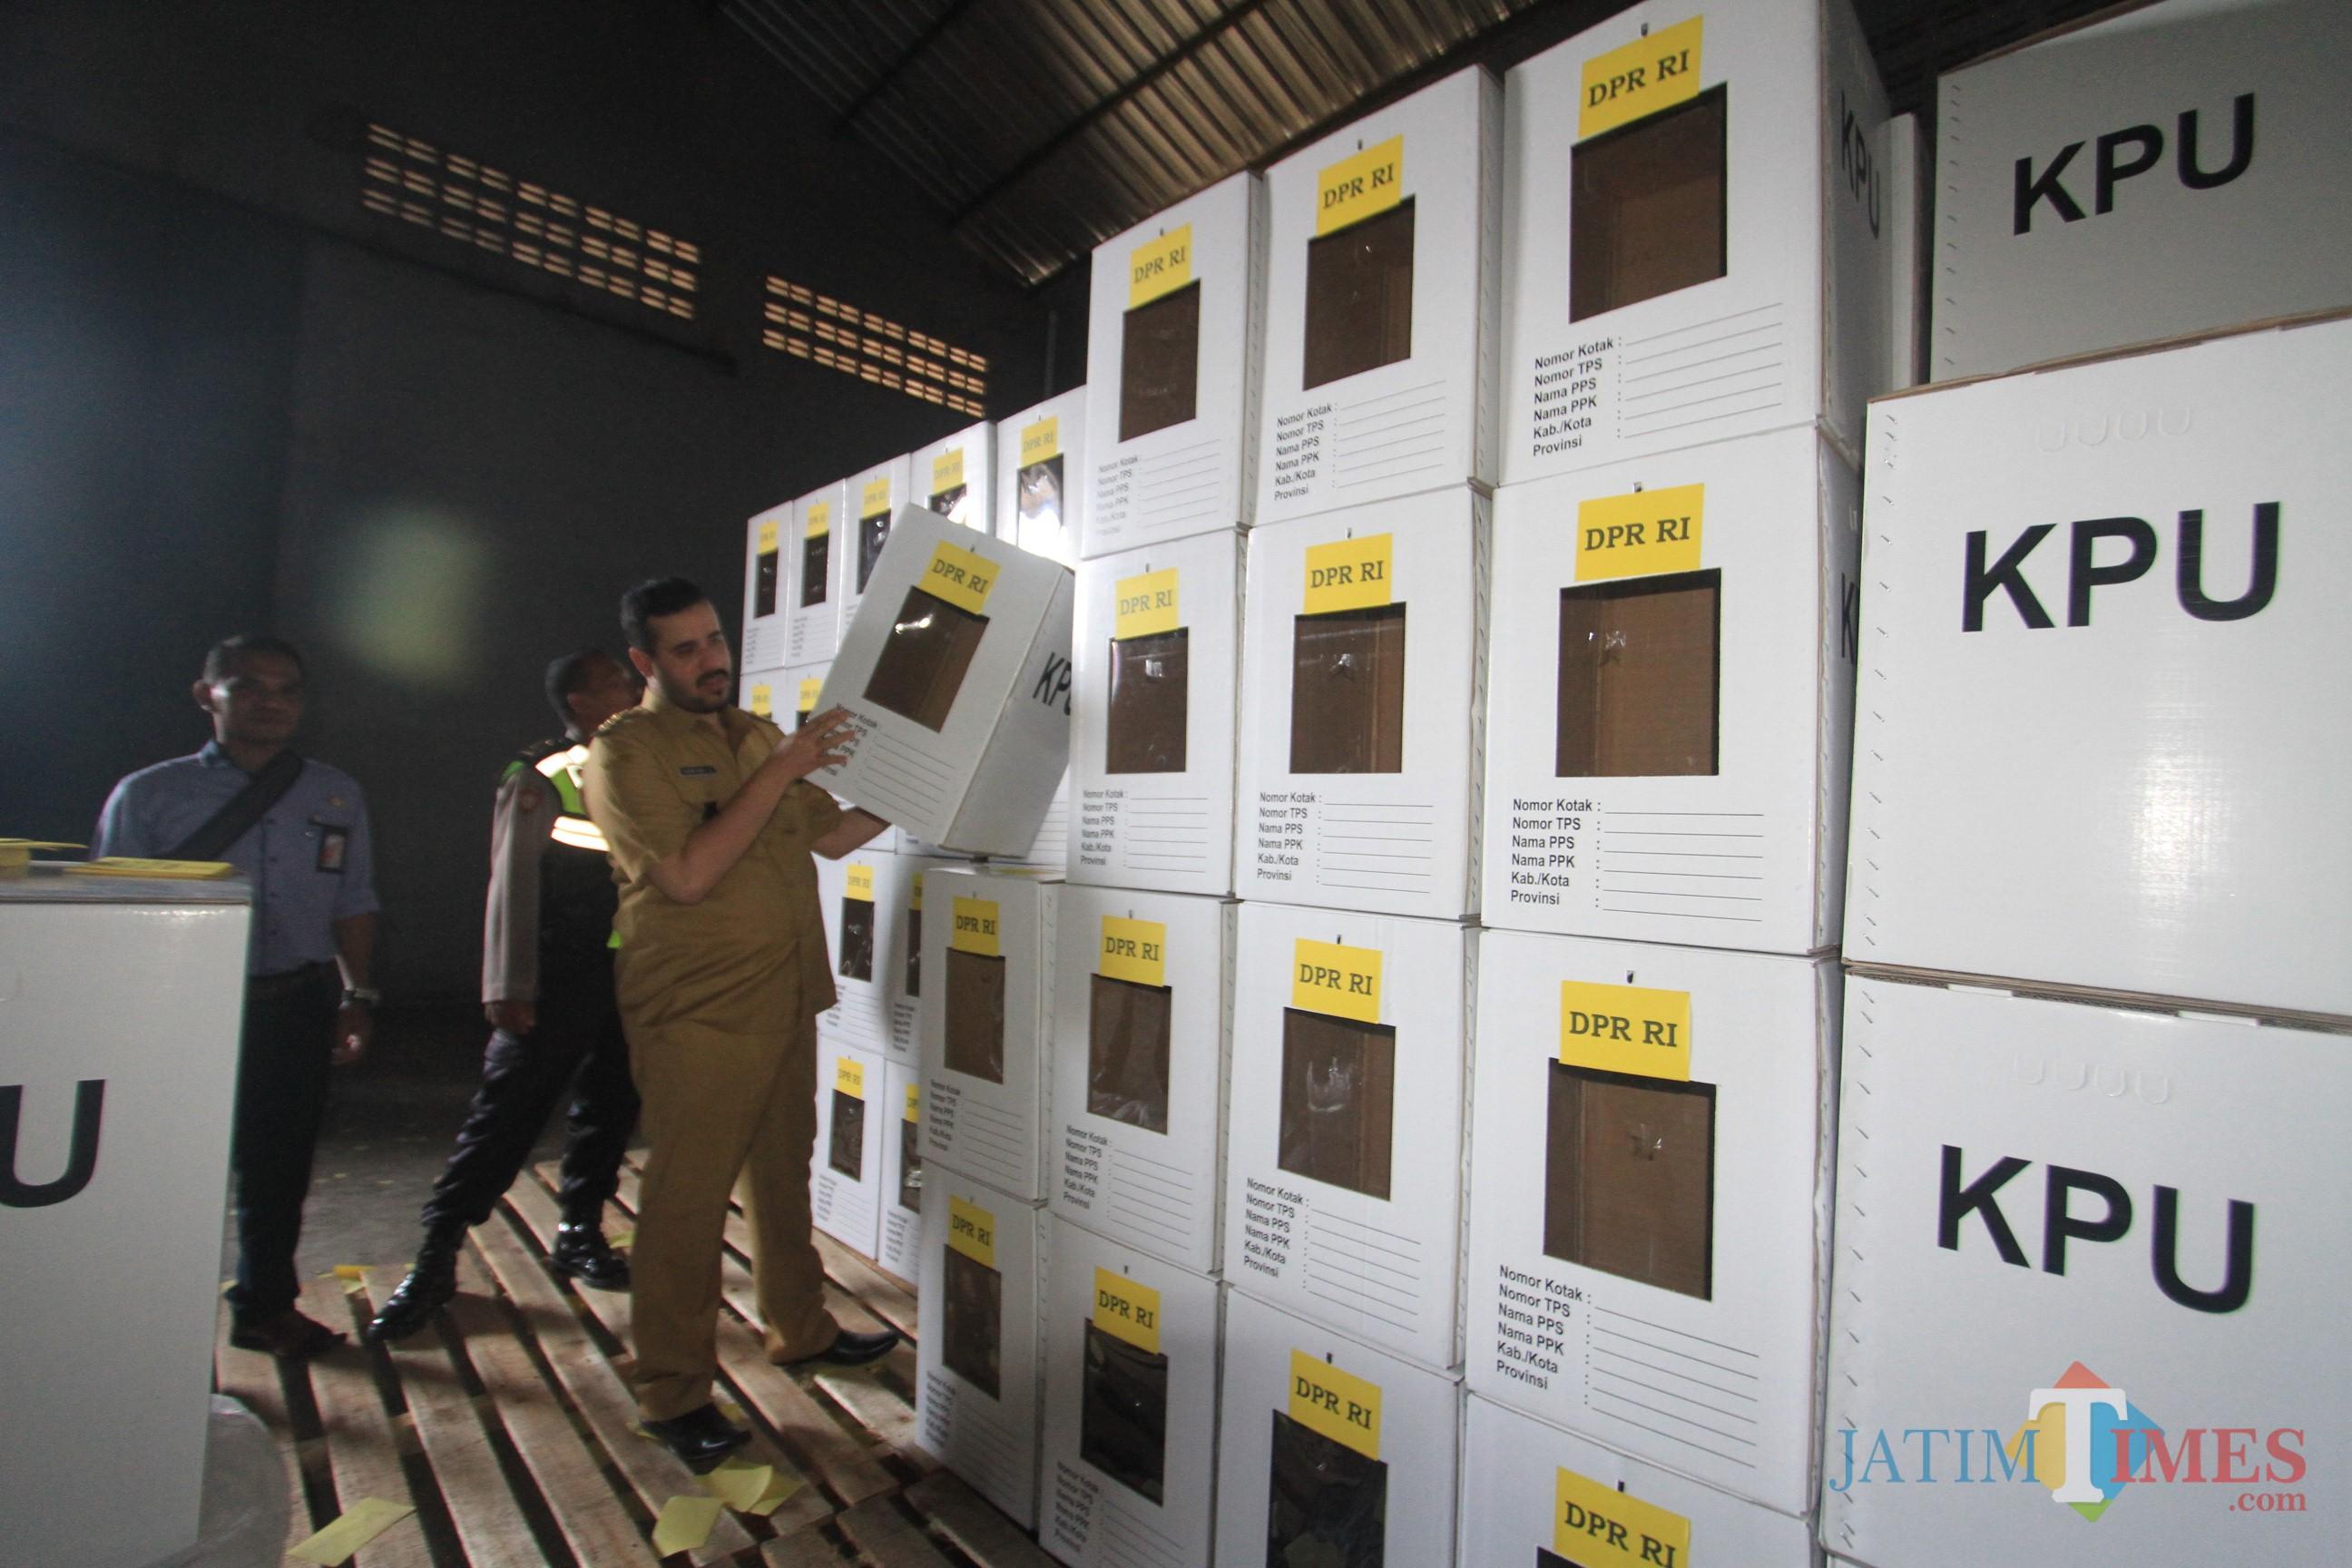 wali kota Hadi Zainal Abidin tinjau logistik pemilu di gudang KPU  (Agus Salam/Jatim TIMES)